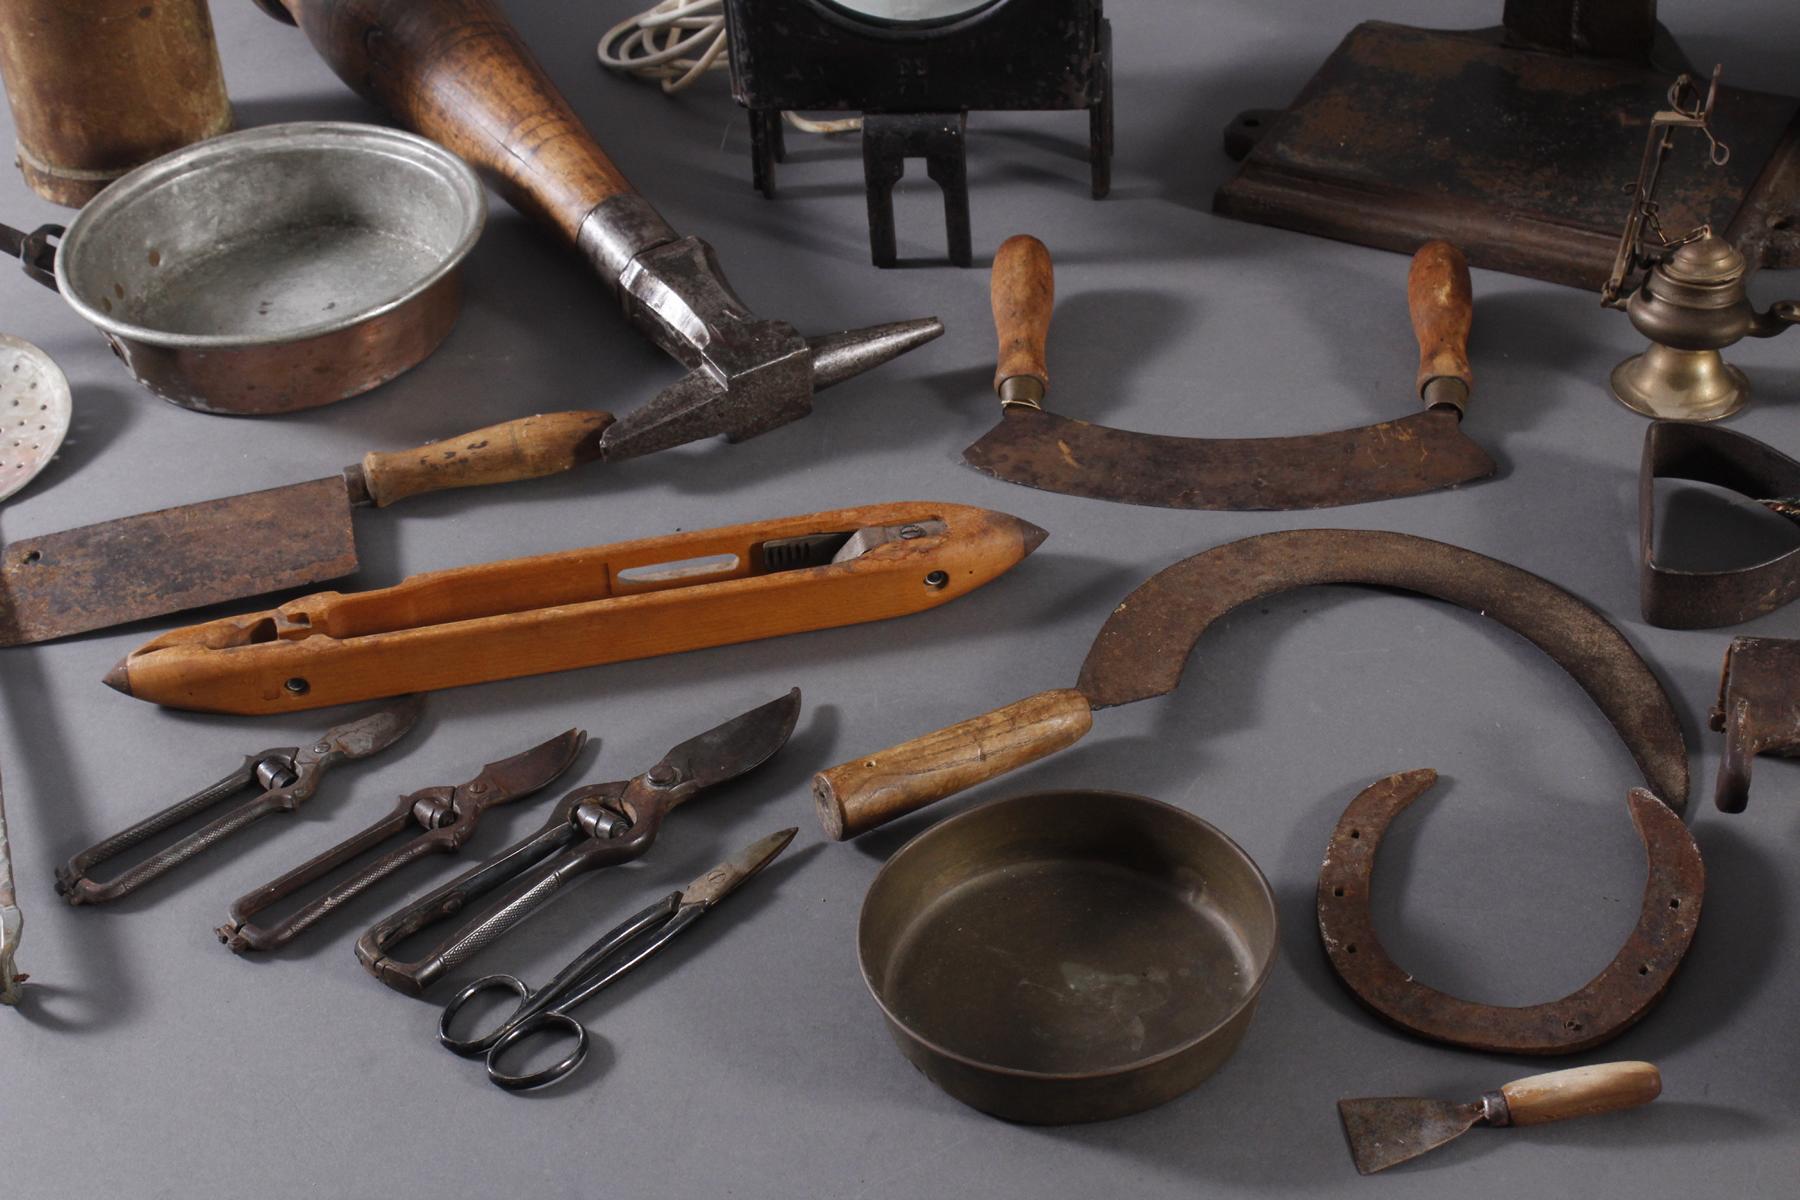 Antike Werkzeuge, Gebrauchs- und Dekorationsgegenstände-3